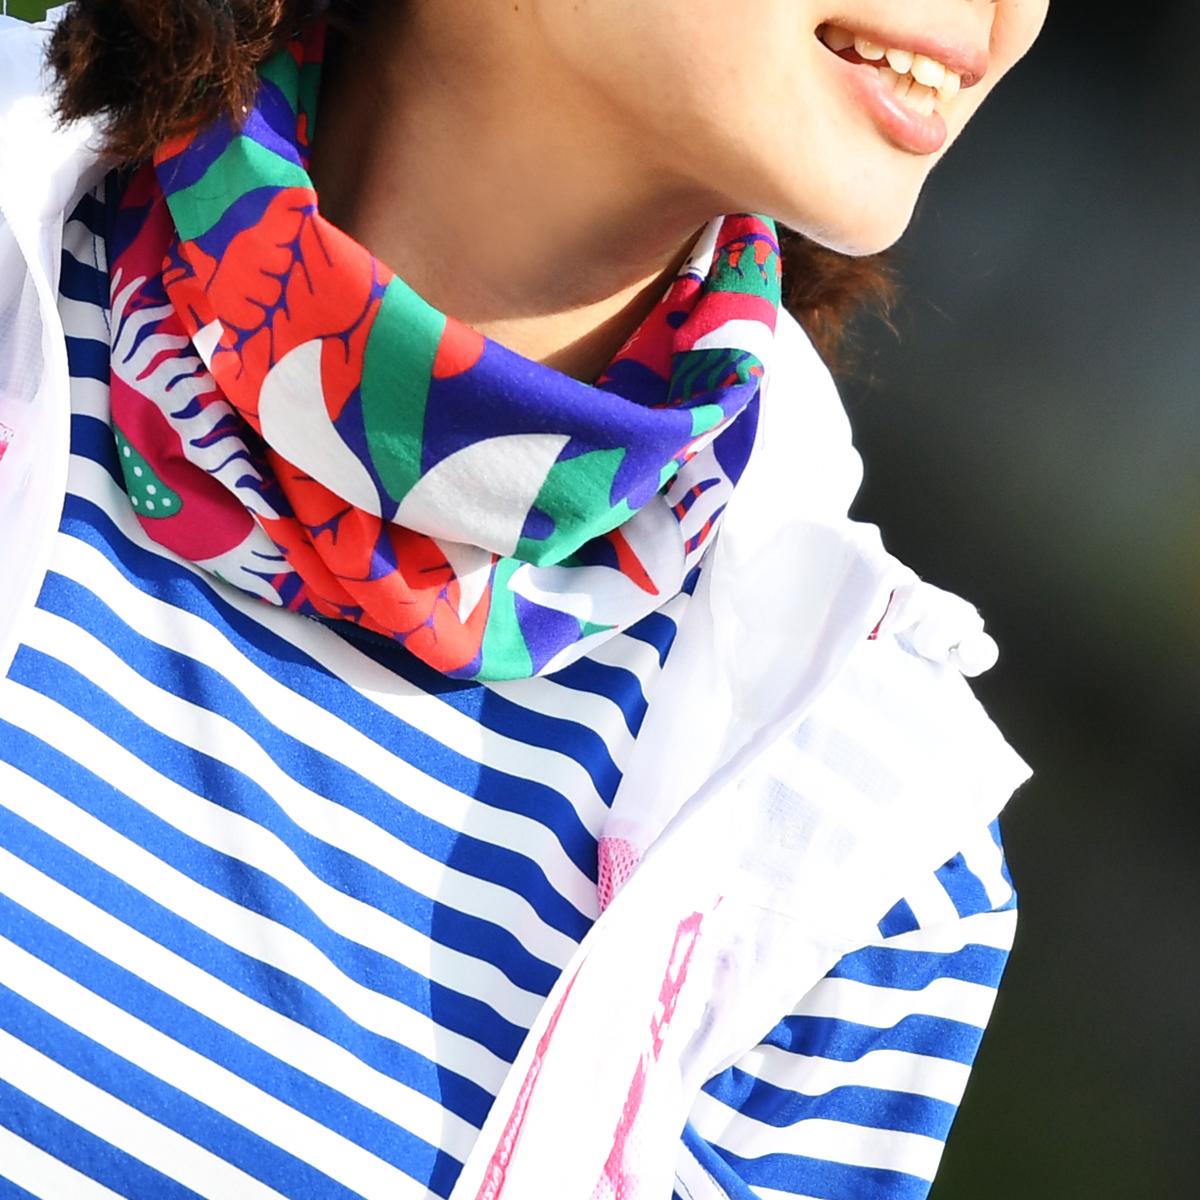 Пекин лес на открытом воздухе путешествие магия шарф нагрудник верховая езда головной убор противо песок защита от ультрафиолетовых лучей воздухопроницаемый движение маска для лица